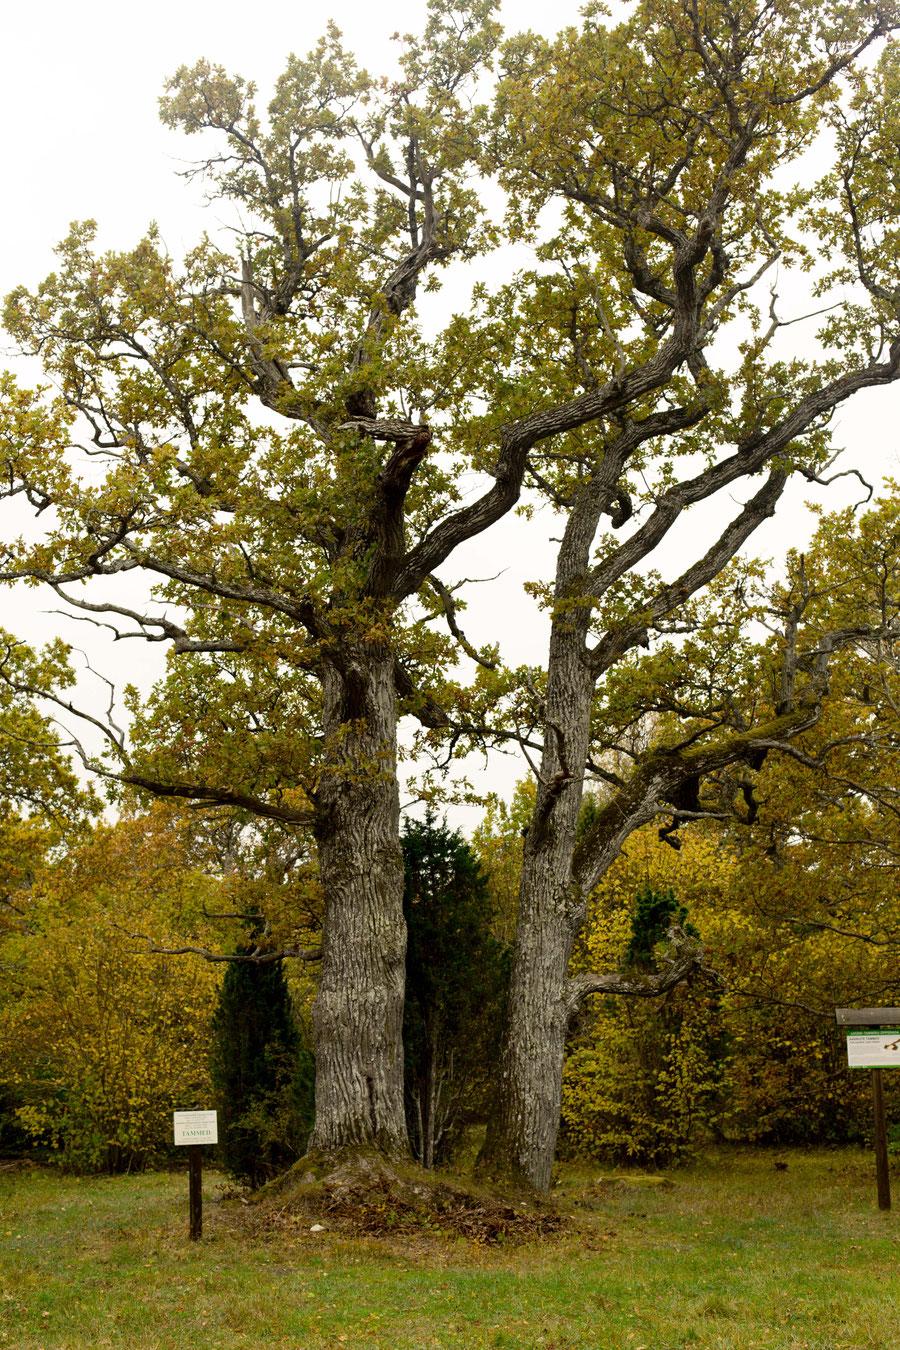 Tammed. Kulturgut der besonderen Art. 400 Jahre alte Eichen, benannt nach den Brüdern Johannes und Joseph Aaviku.